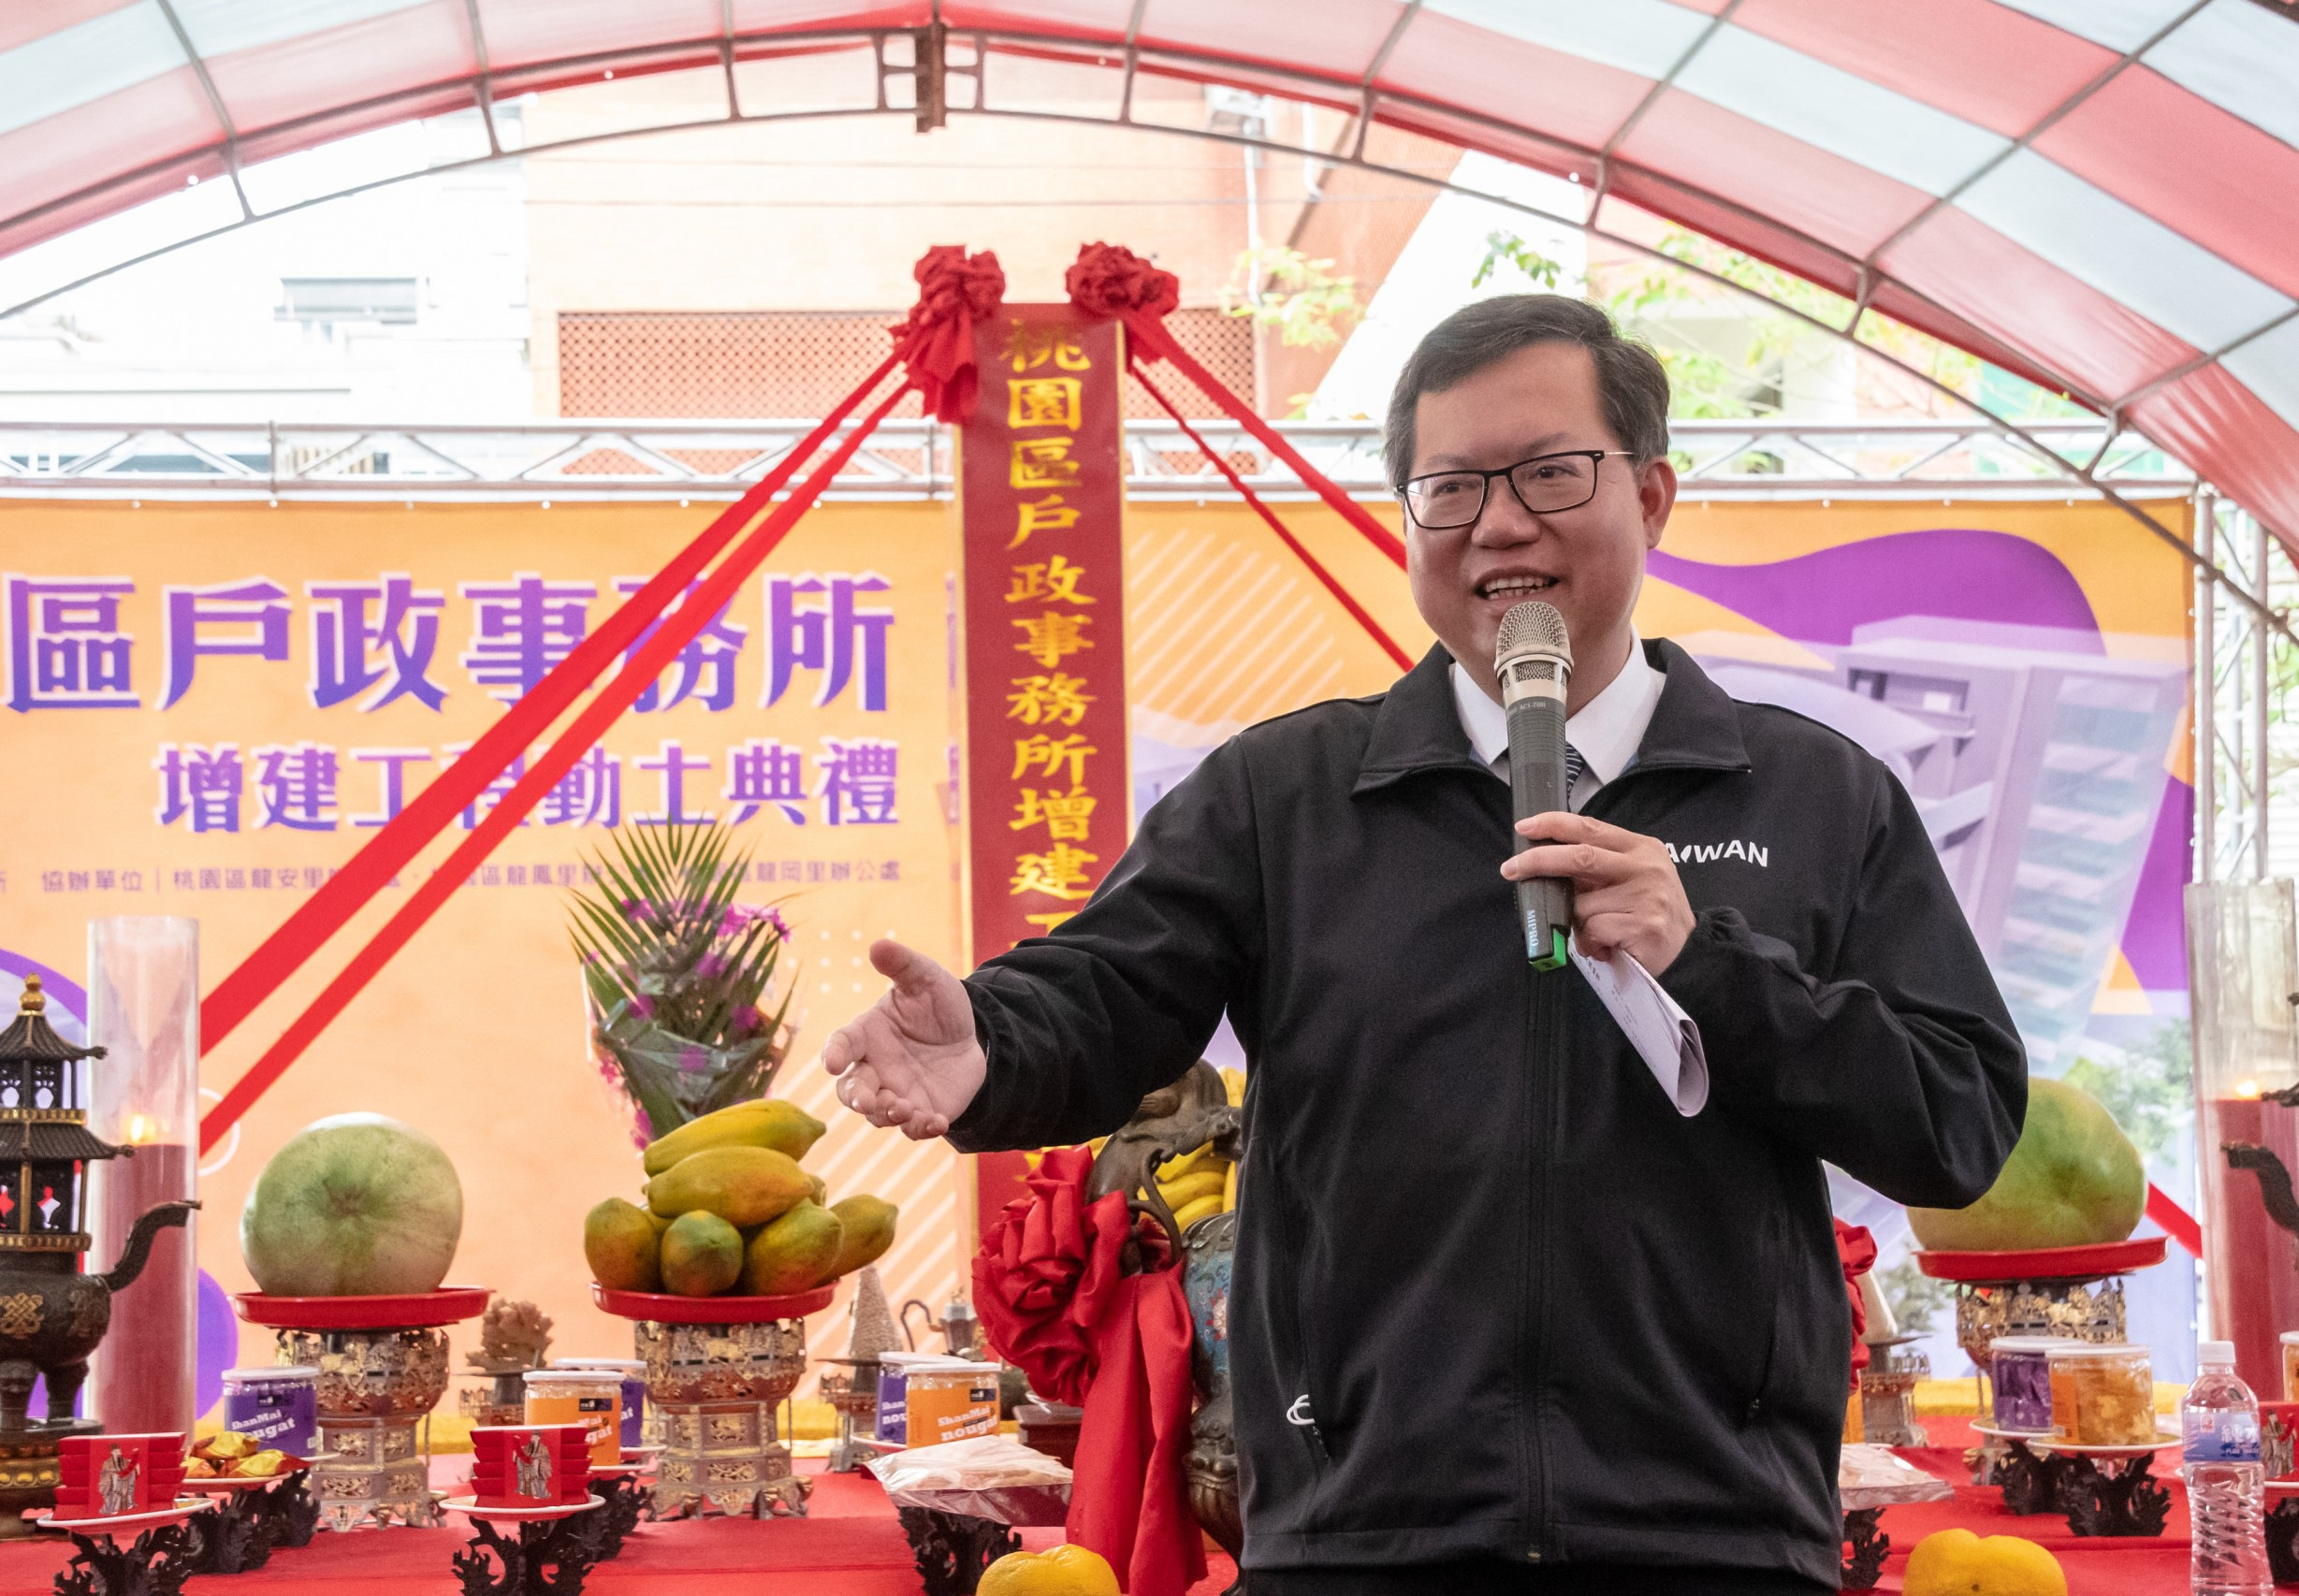 桃園市長鄭文燦出席桃園區戶政事務所增建工程動土典禮。